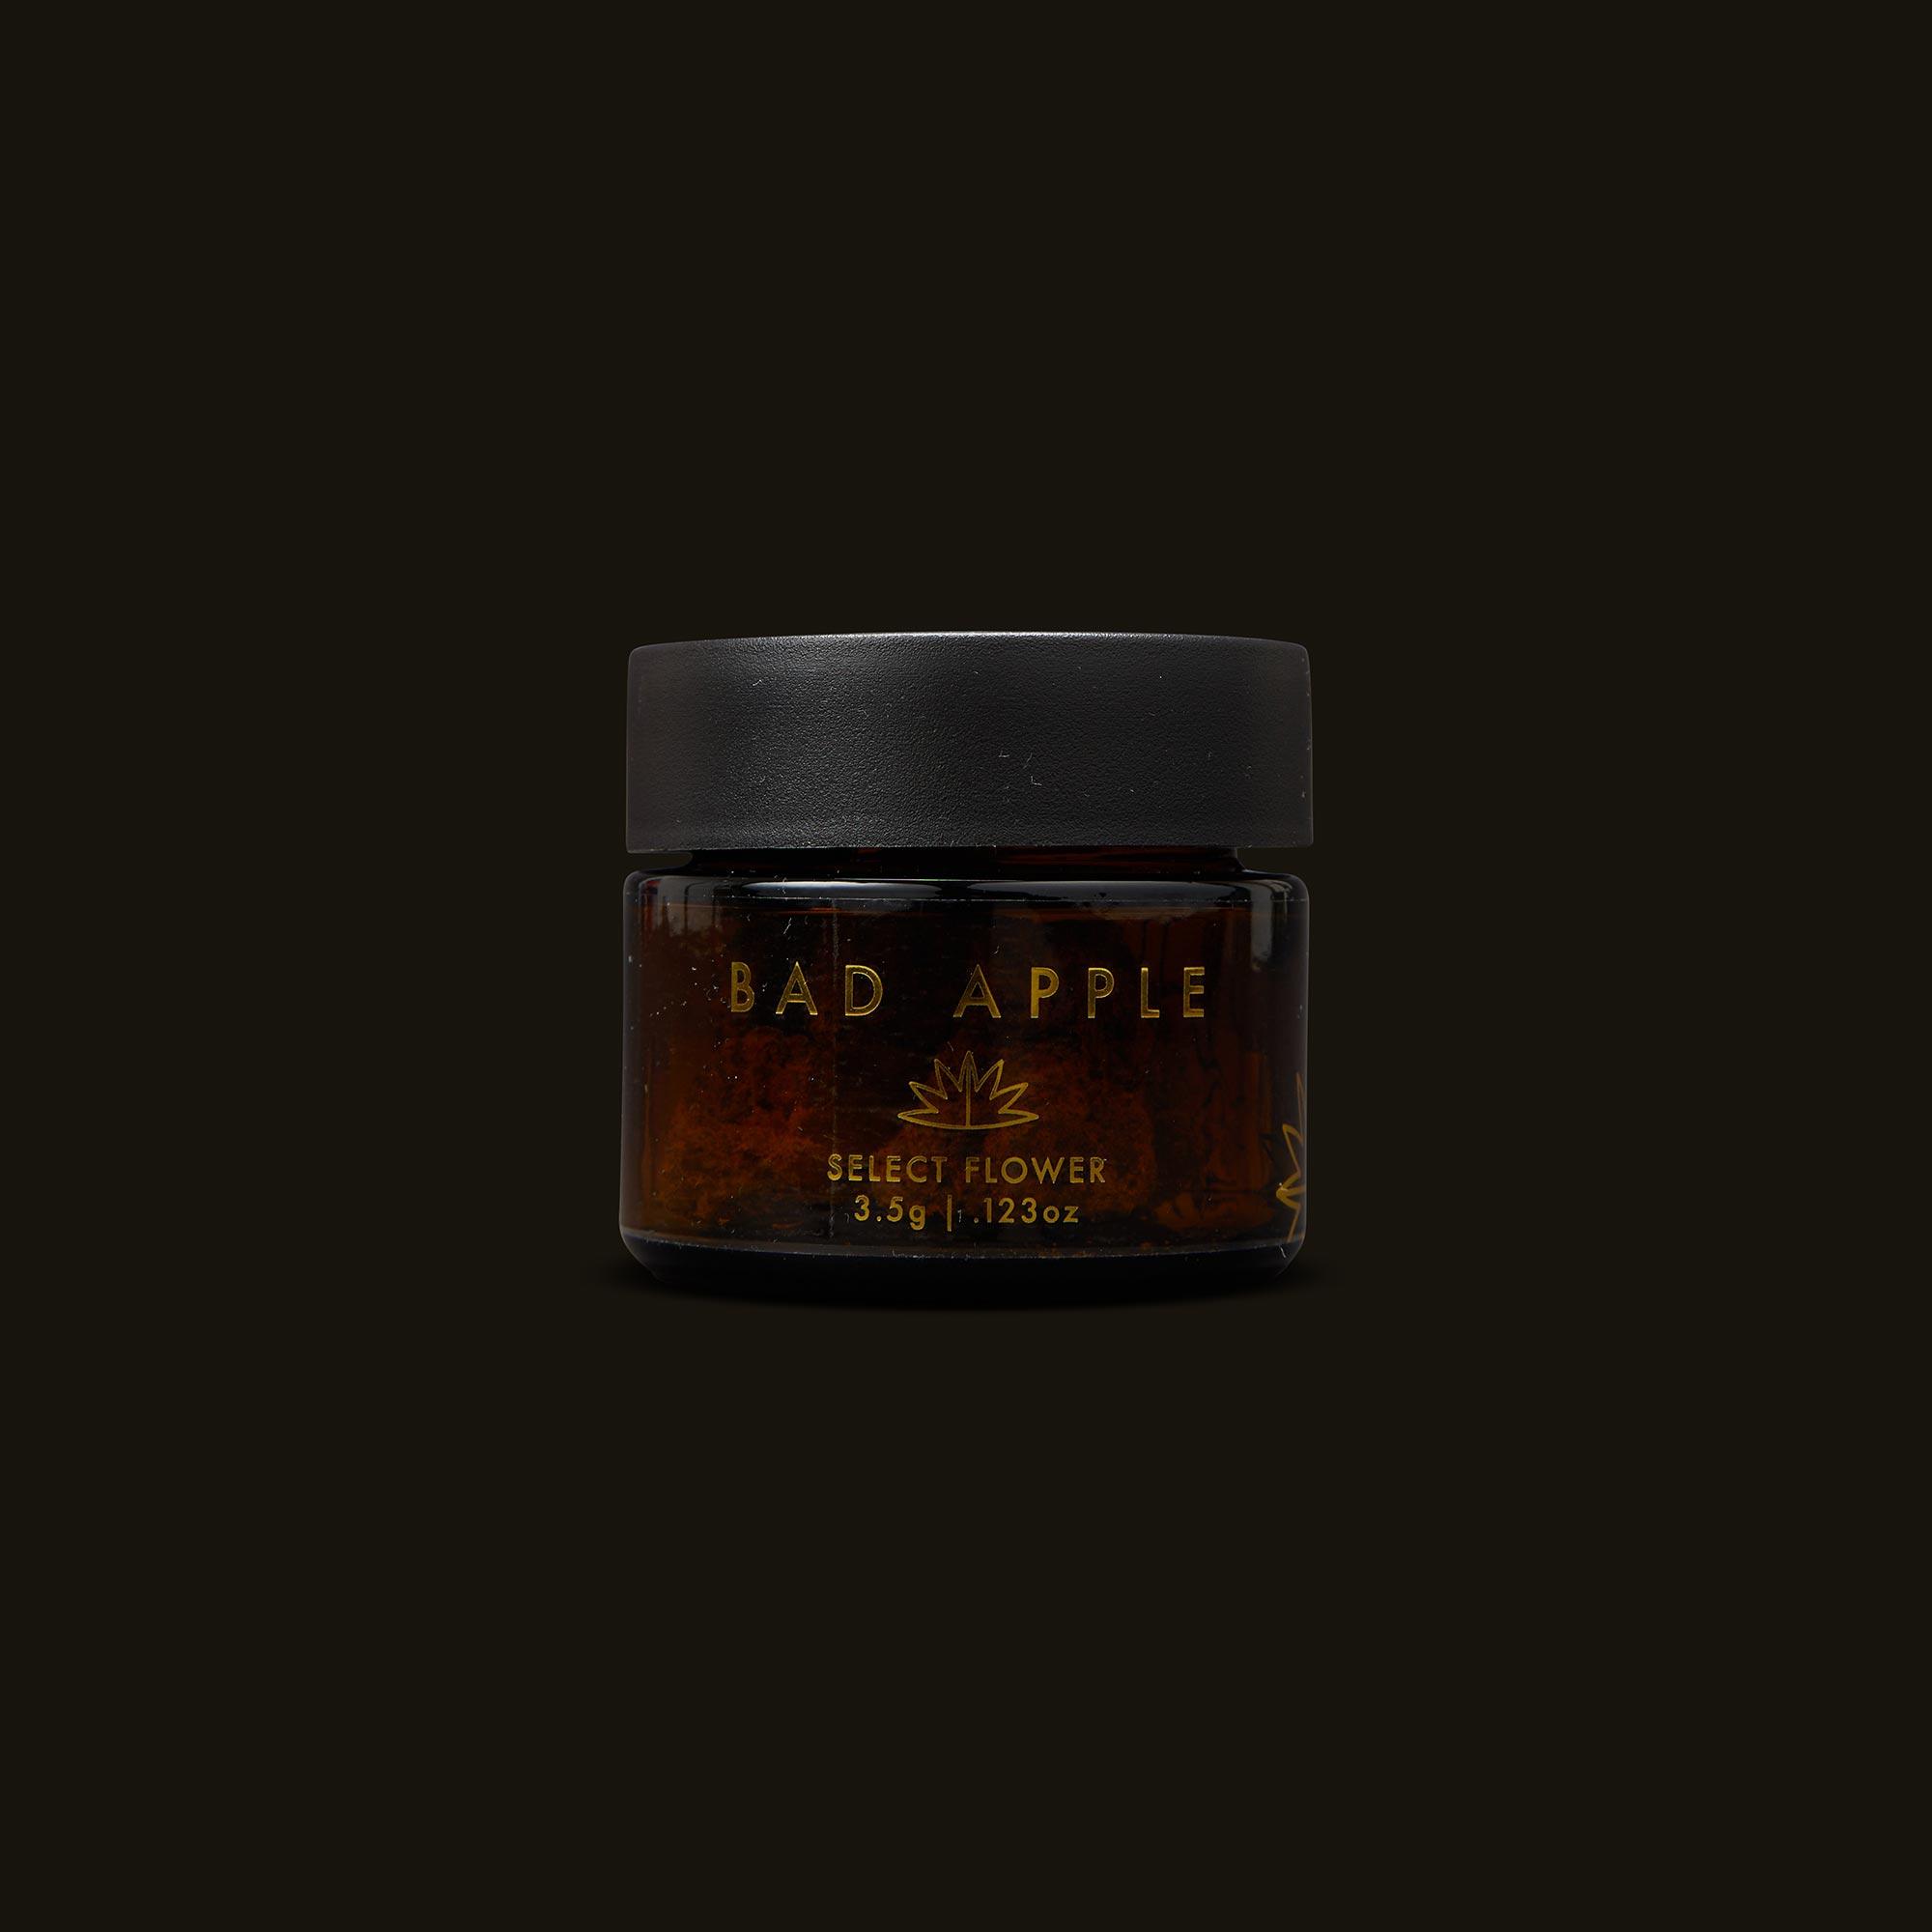 Bad Apple XJ-13 Jar